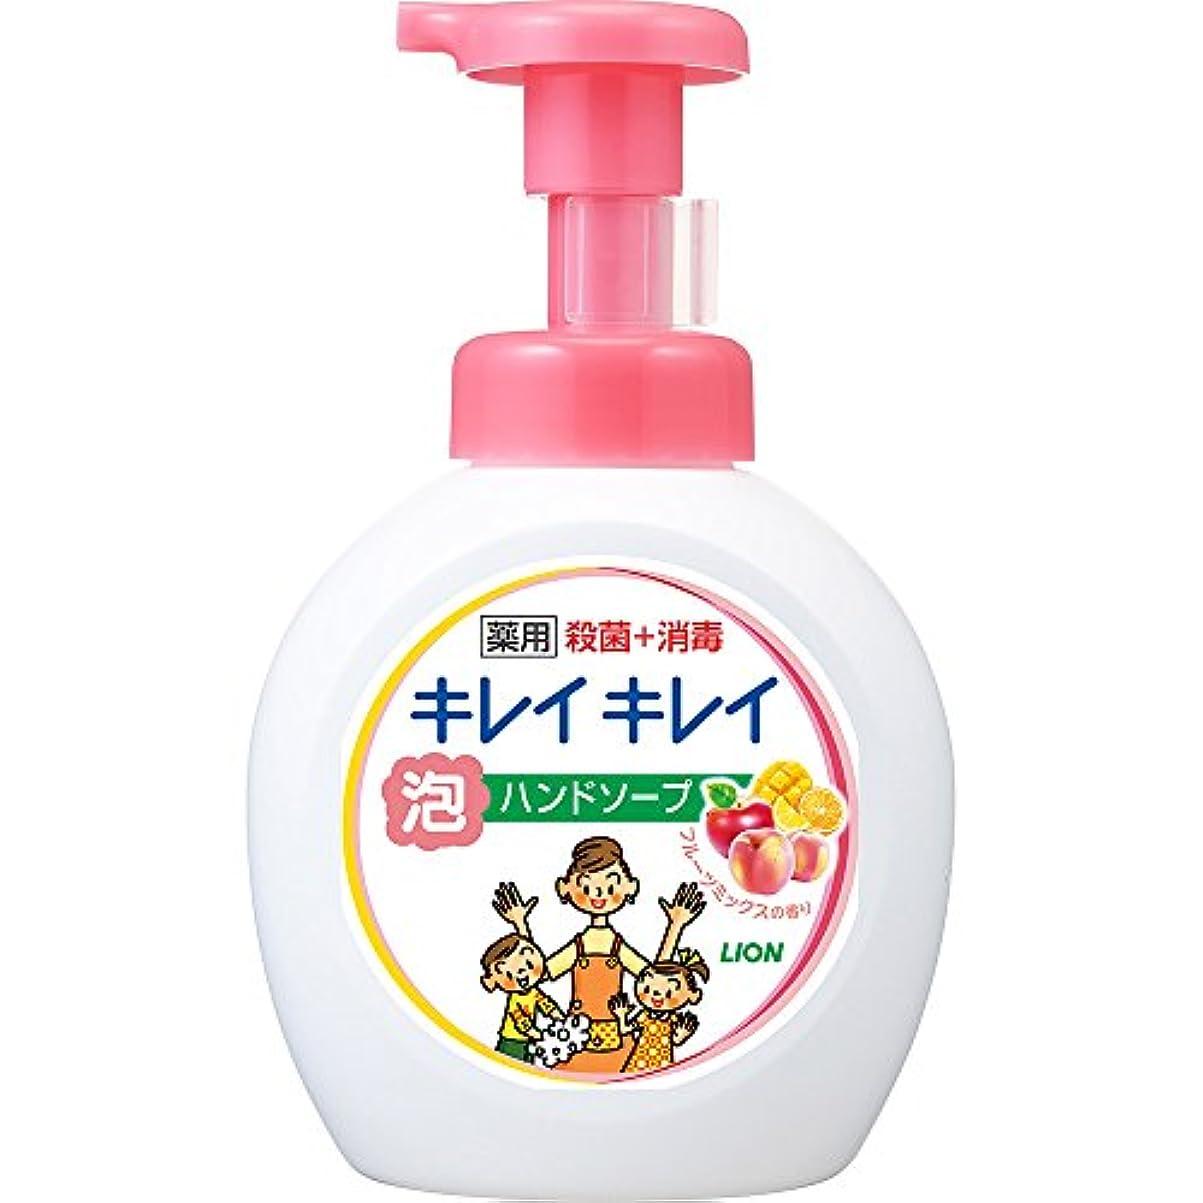 ホール承知しました警報キレイキレイ 薬用 泡ハンドソープ フルーツミックスの香り 本体ポンプ 大型サイズ 500ml(医薬部外品)